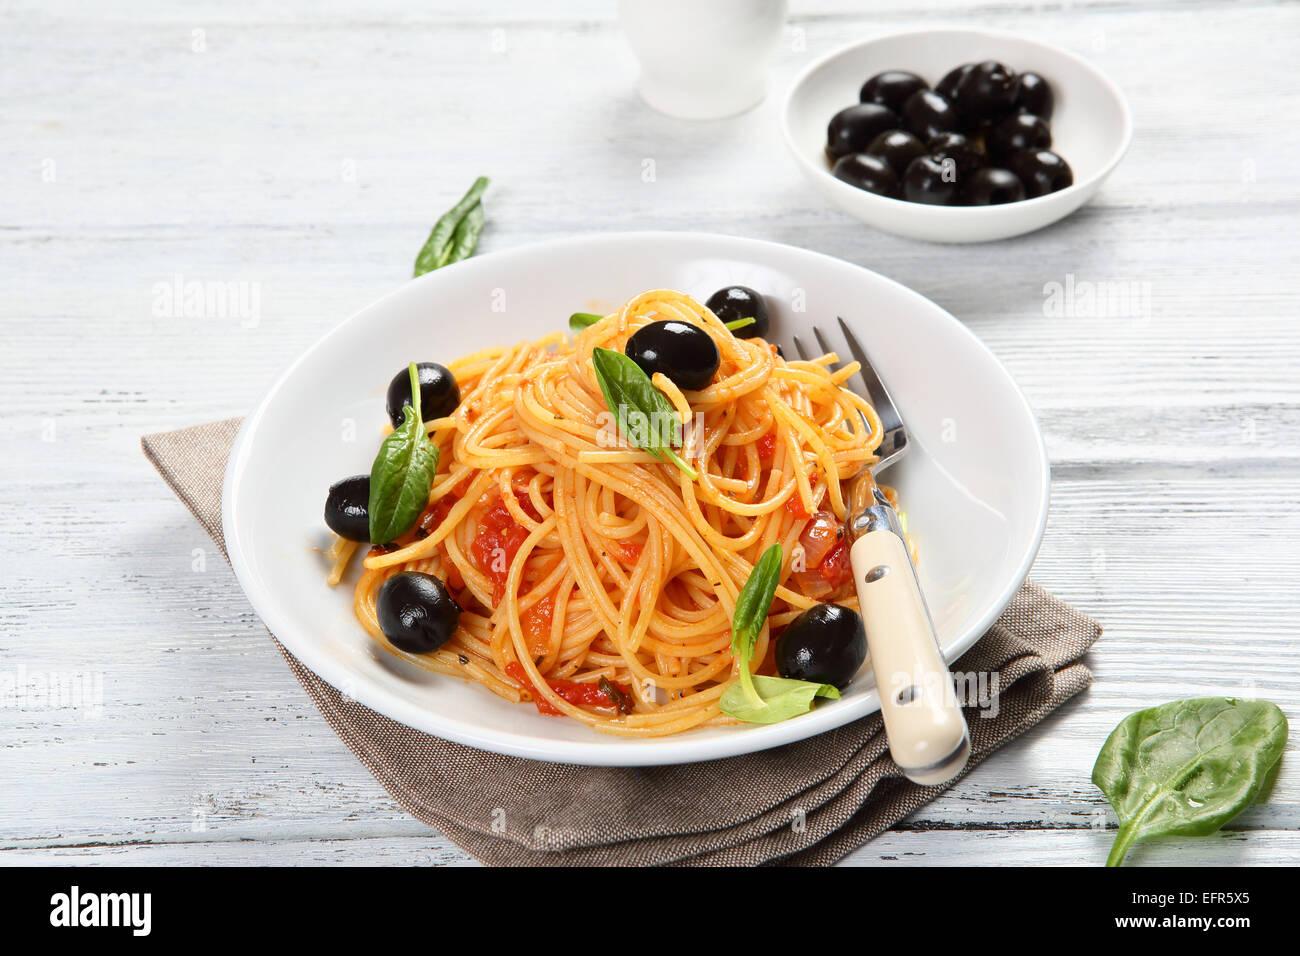 Pasta con olive e basilico, cibo Immagini Stock